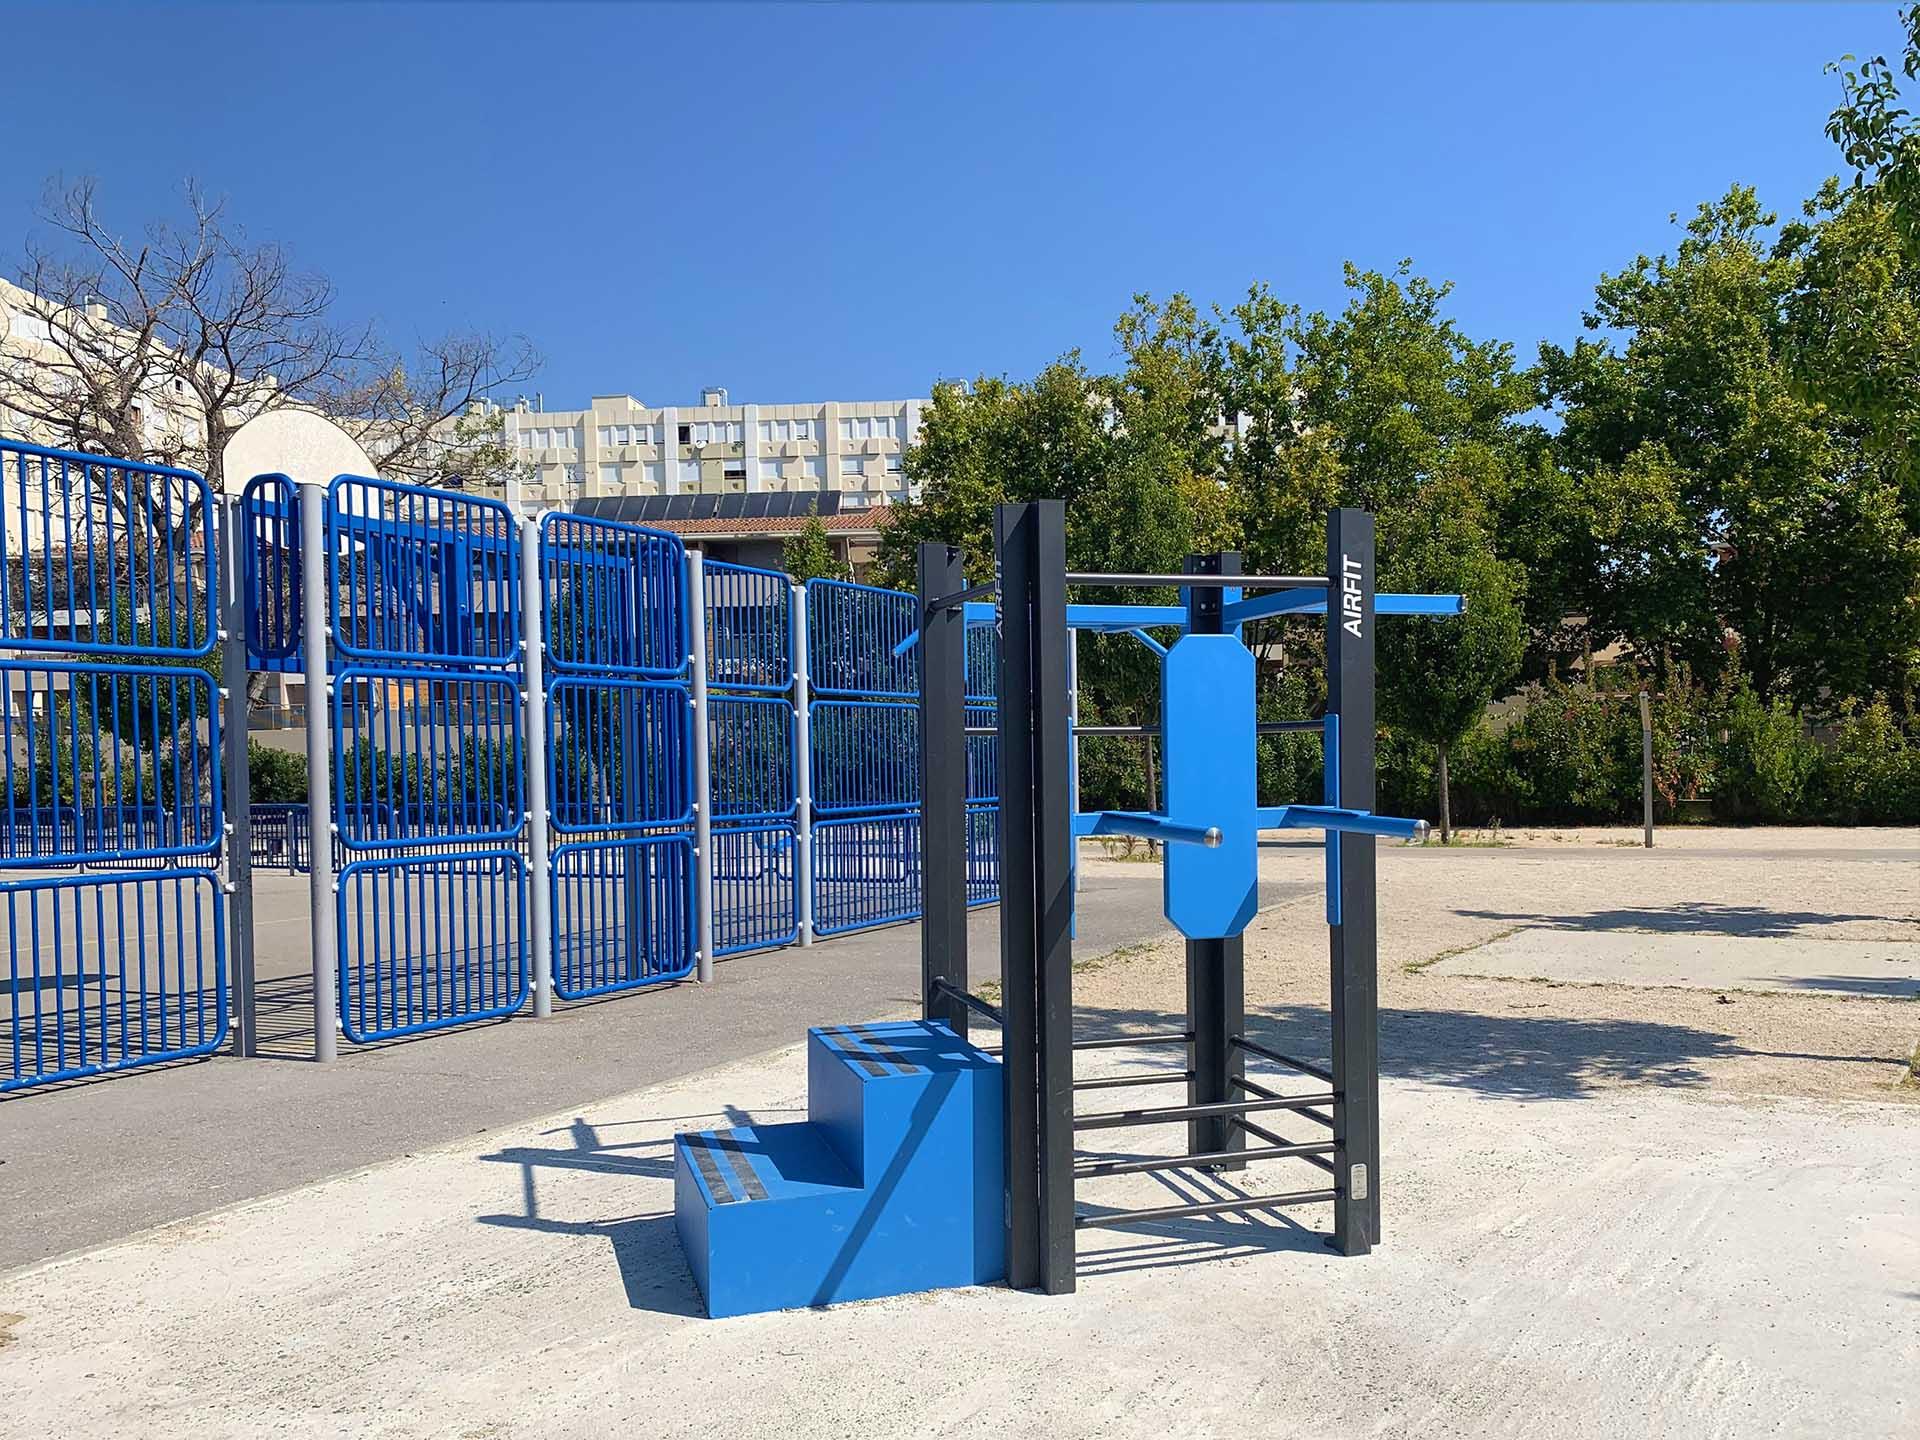 Photo de l'aire de fitness connectée à proximité du nouveau city-stade à Avignon